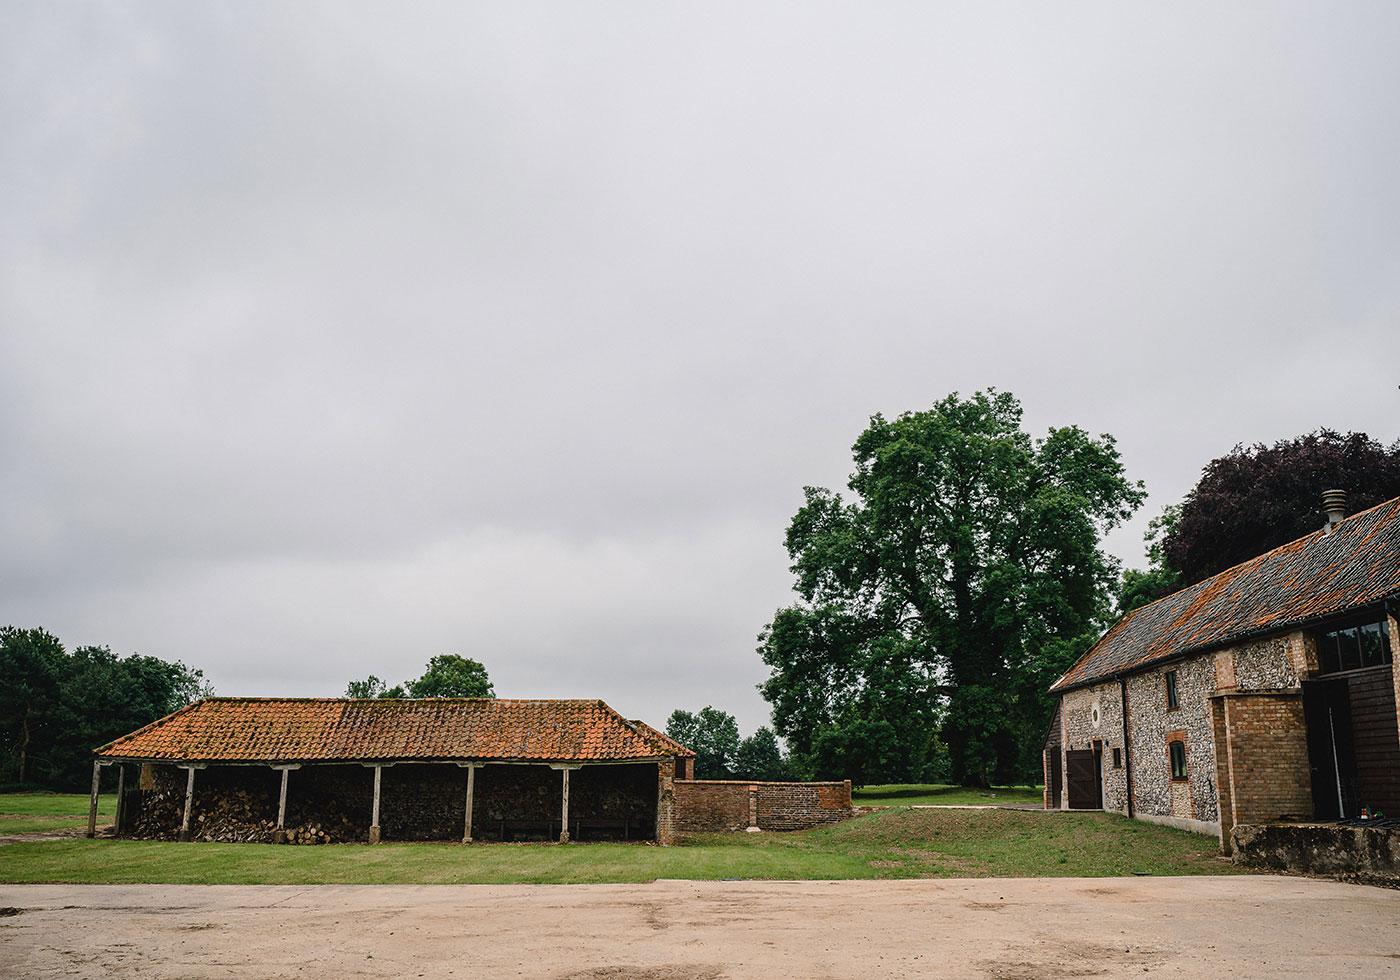 Curds Hall Barn Wedding Venue